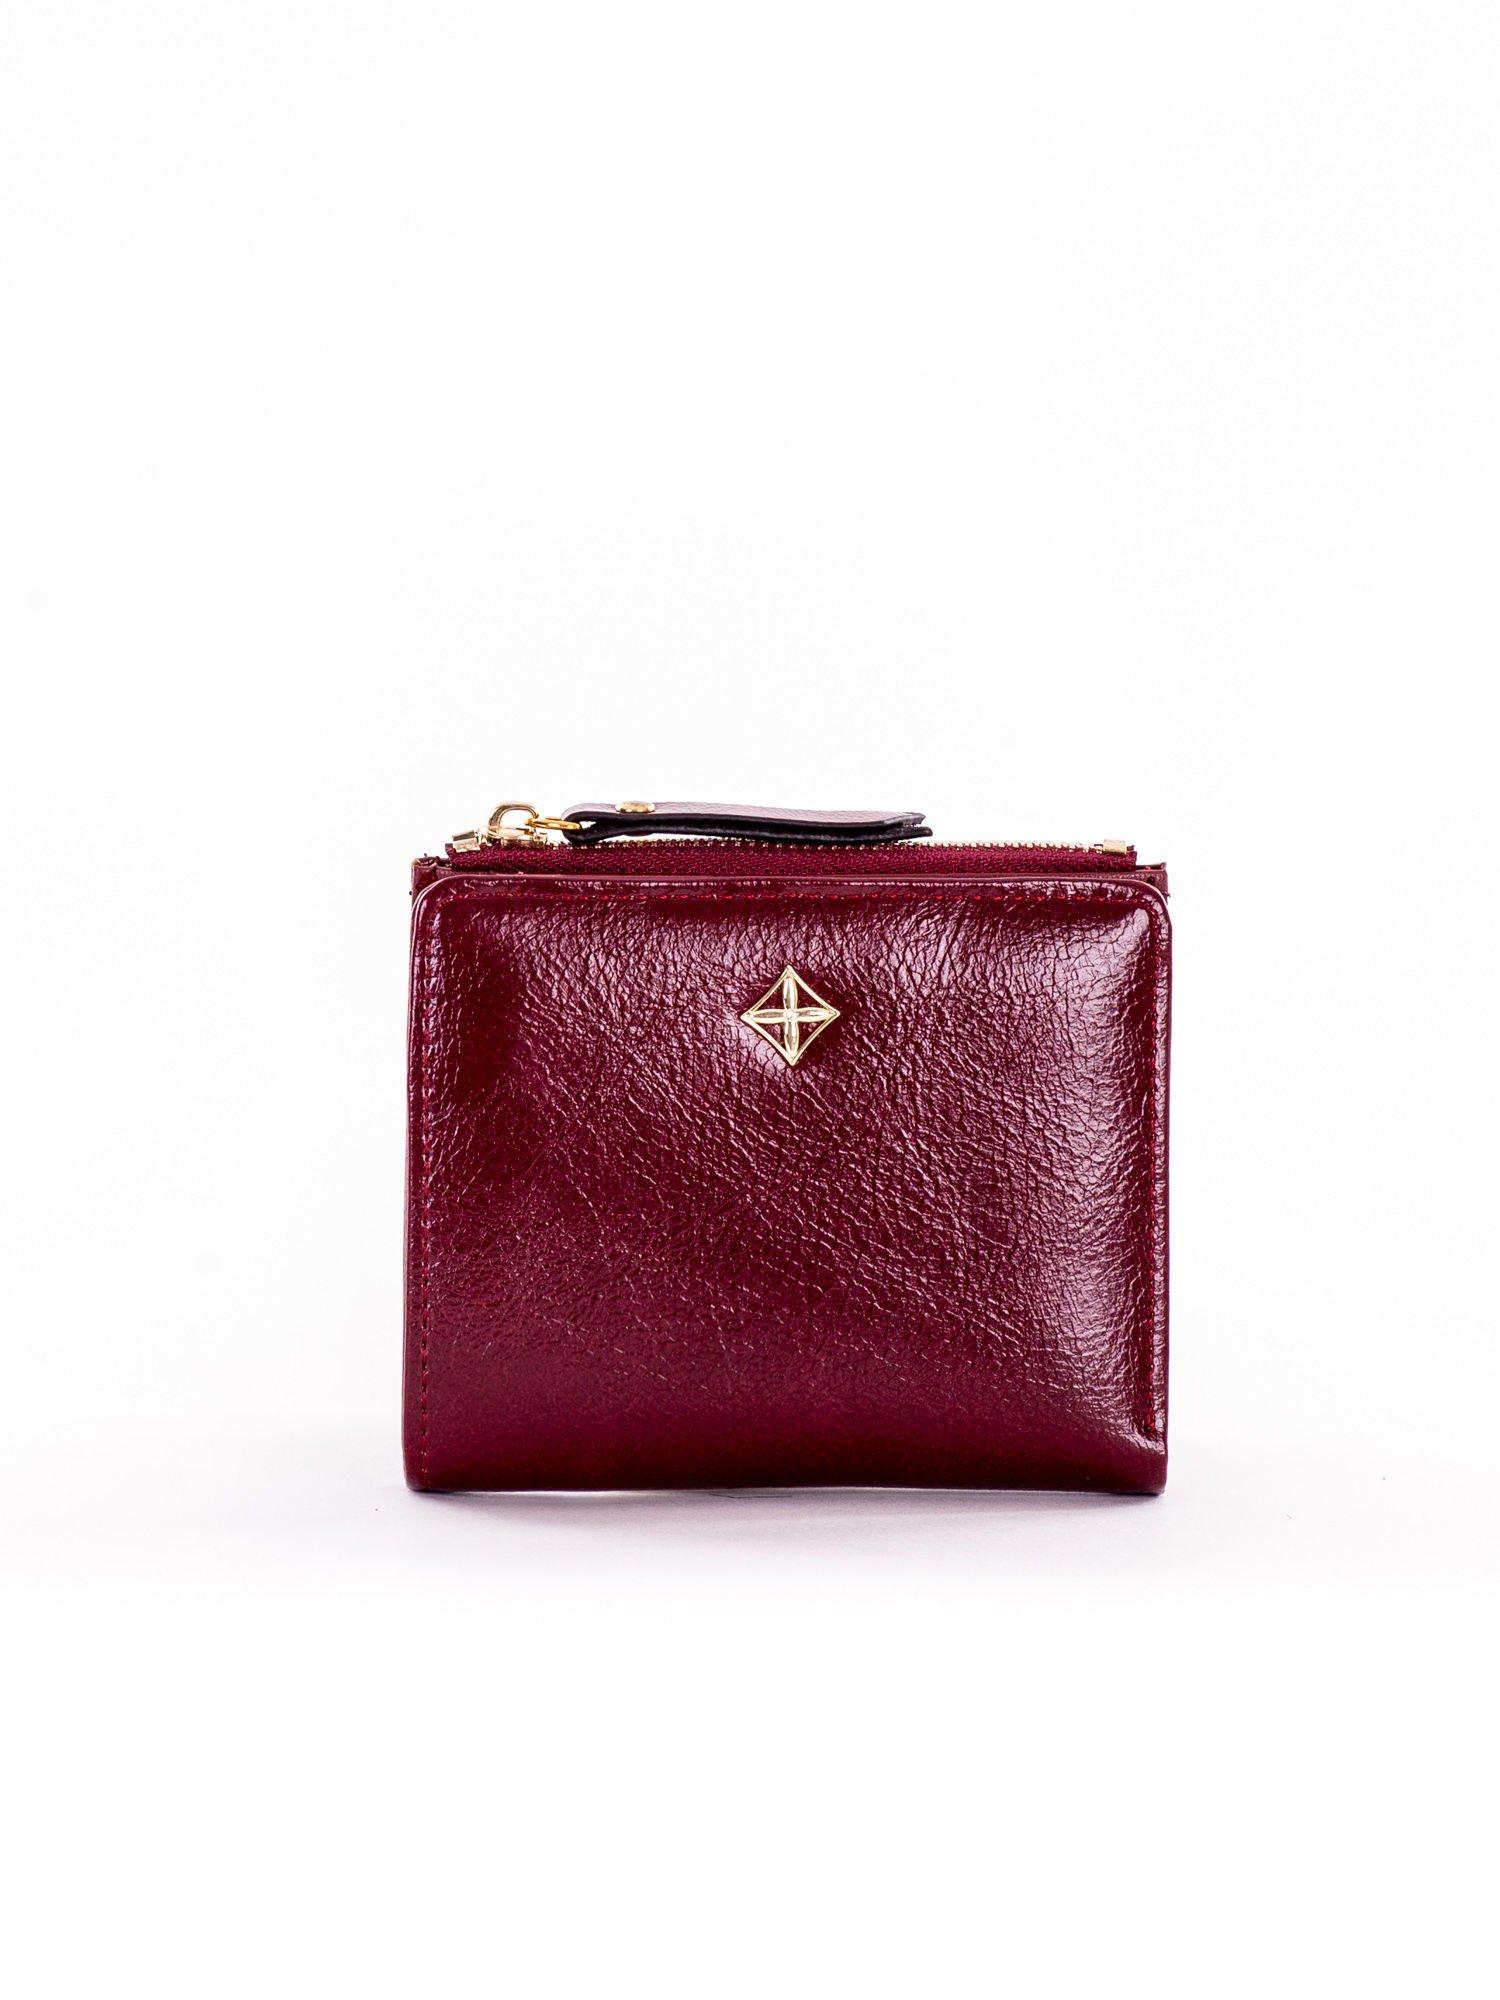 1757e46f8bb0c Mały bordowy płaski portfel damski - Akcesoria portfele - sklep ...